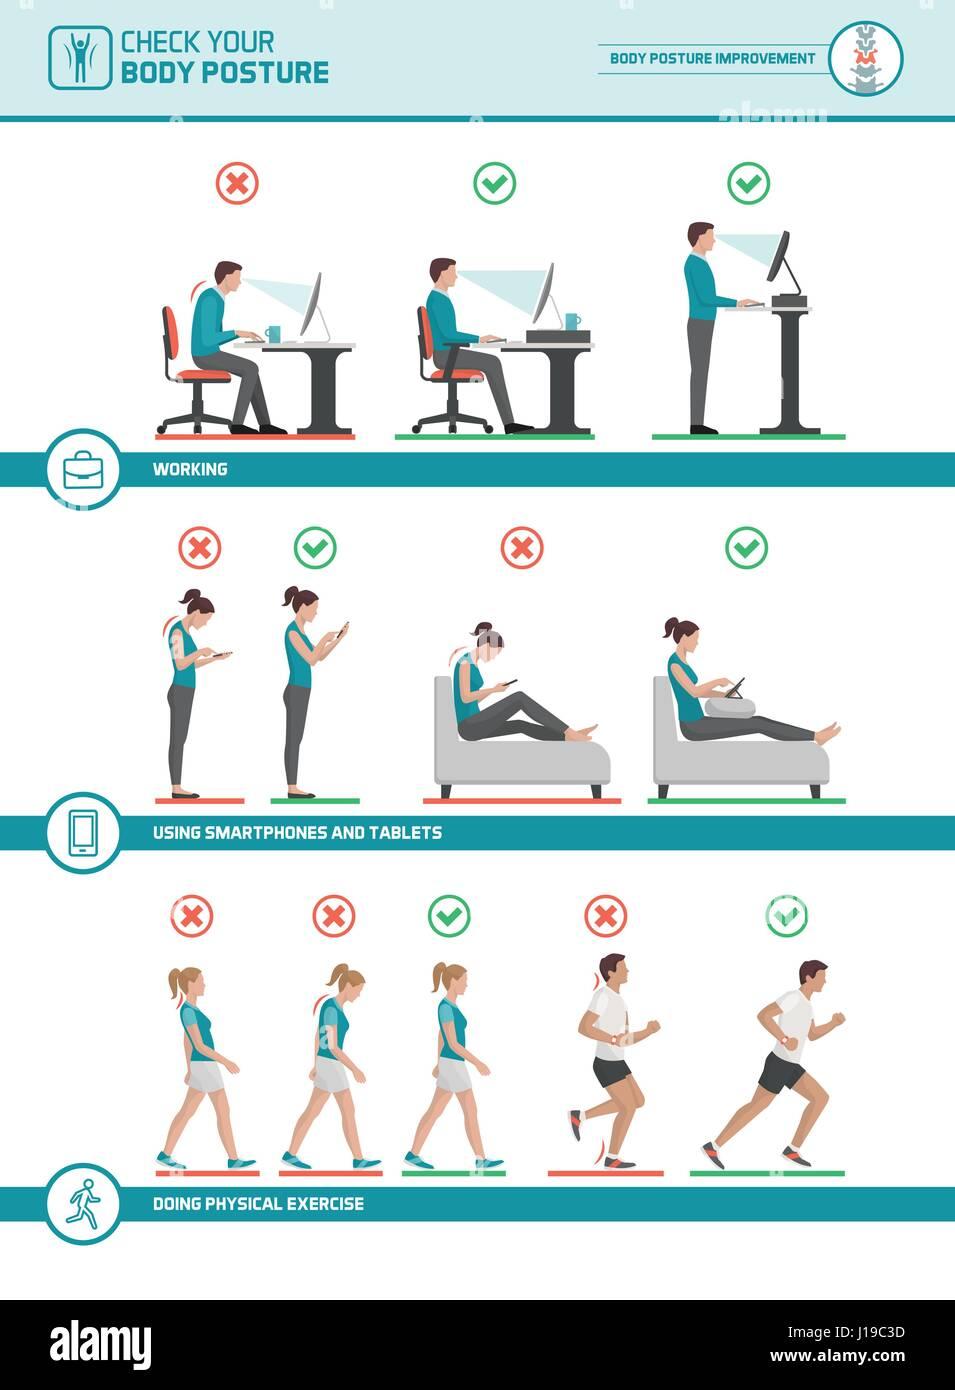 L'ergonomie du corps infographie : améliorer votre posture lorsque on